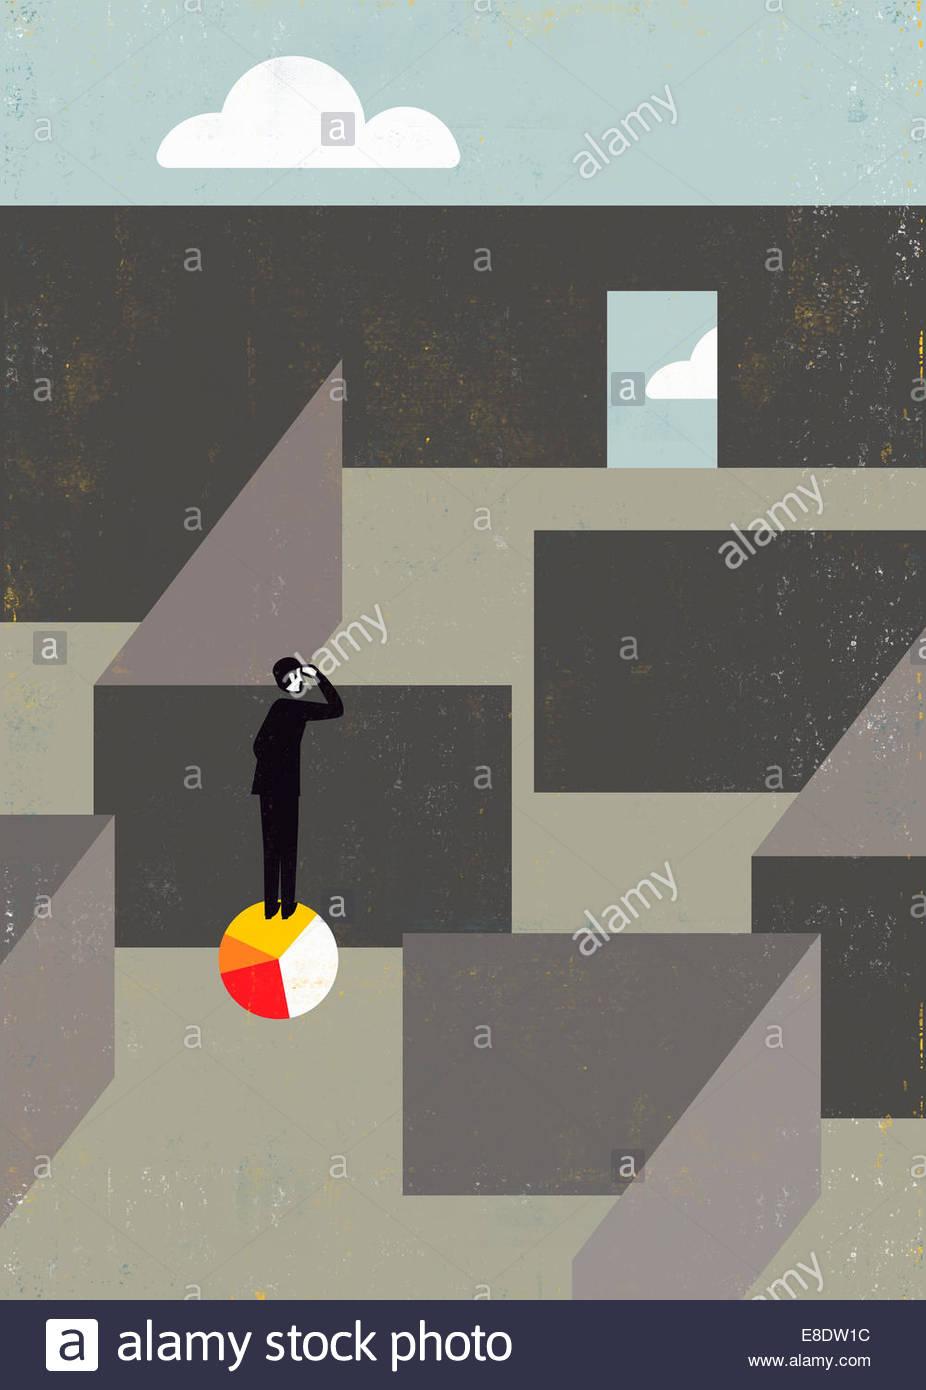 Geschäftsmann auf Kreisdiagramm peering über Mauer stehend, Weg aus dem Labyrinth finden Stockbild